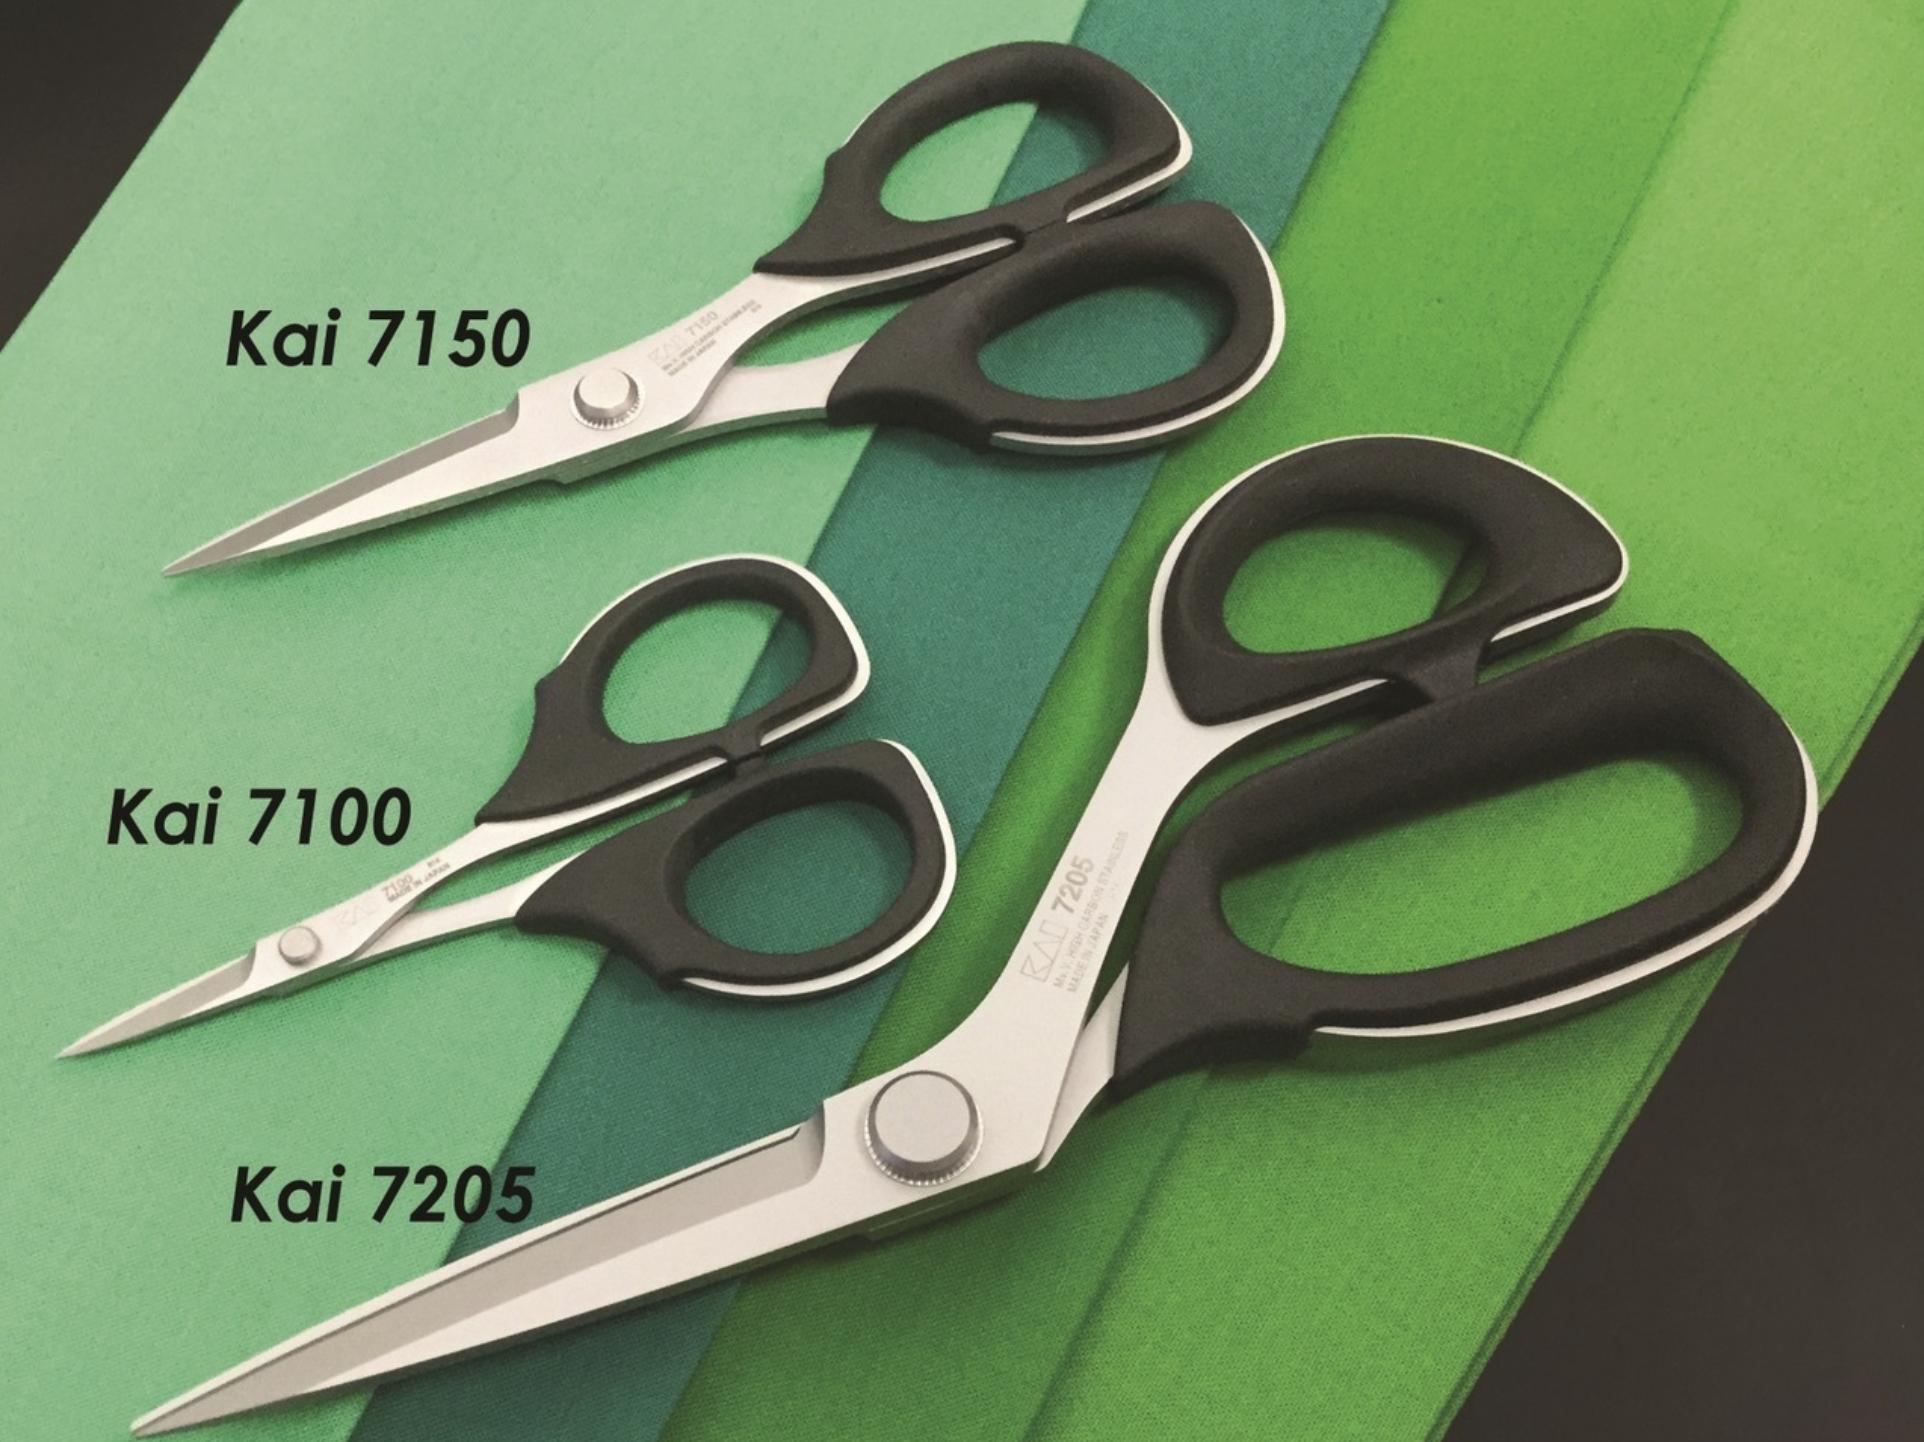 Kai 7000 Series Gift Set